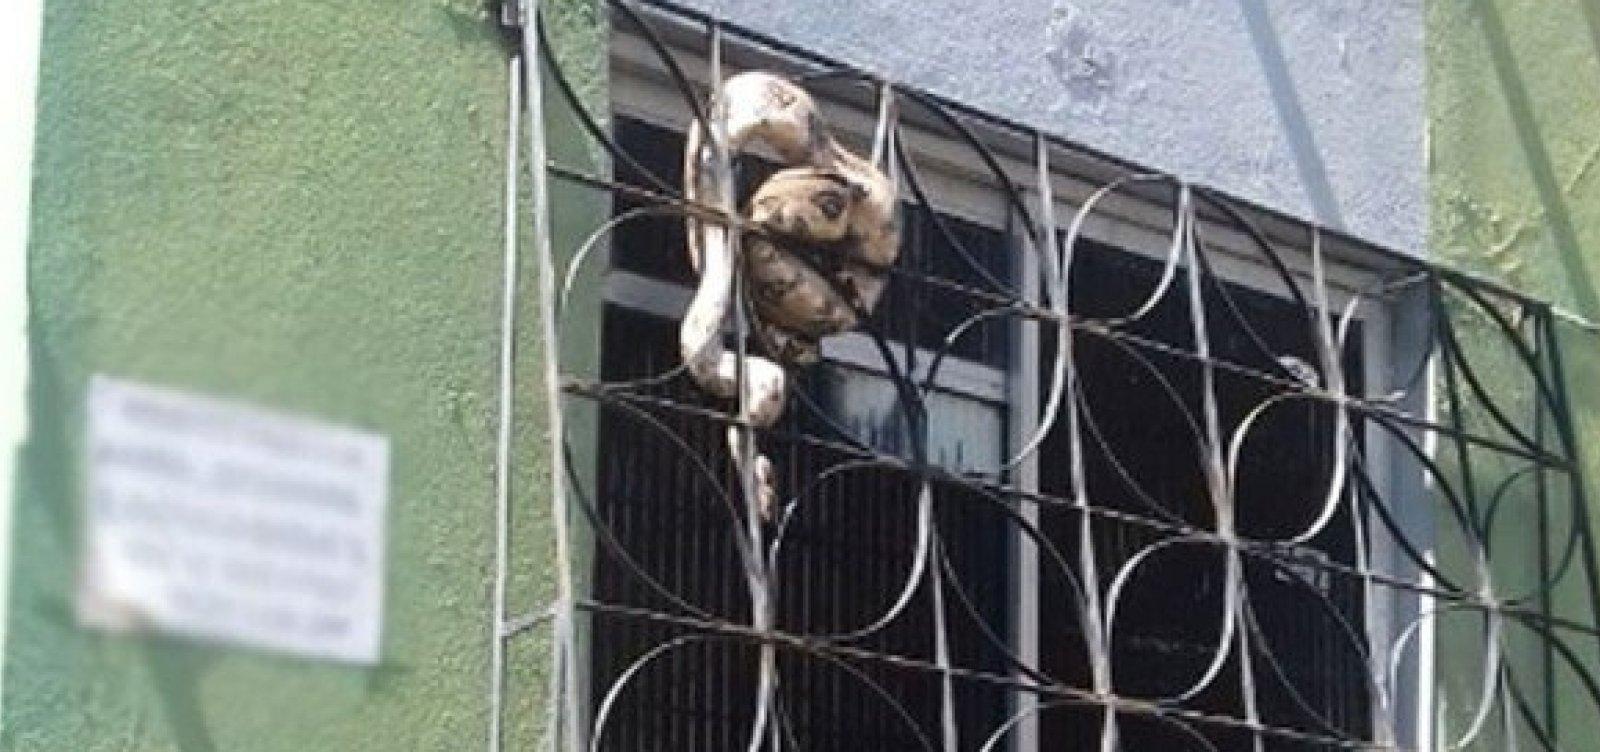 [Jiboia de quase dois metros é encontrada em janela de apartamento]